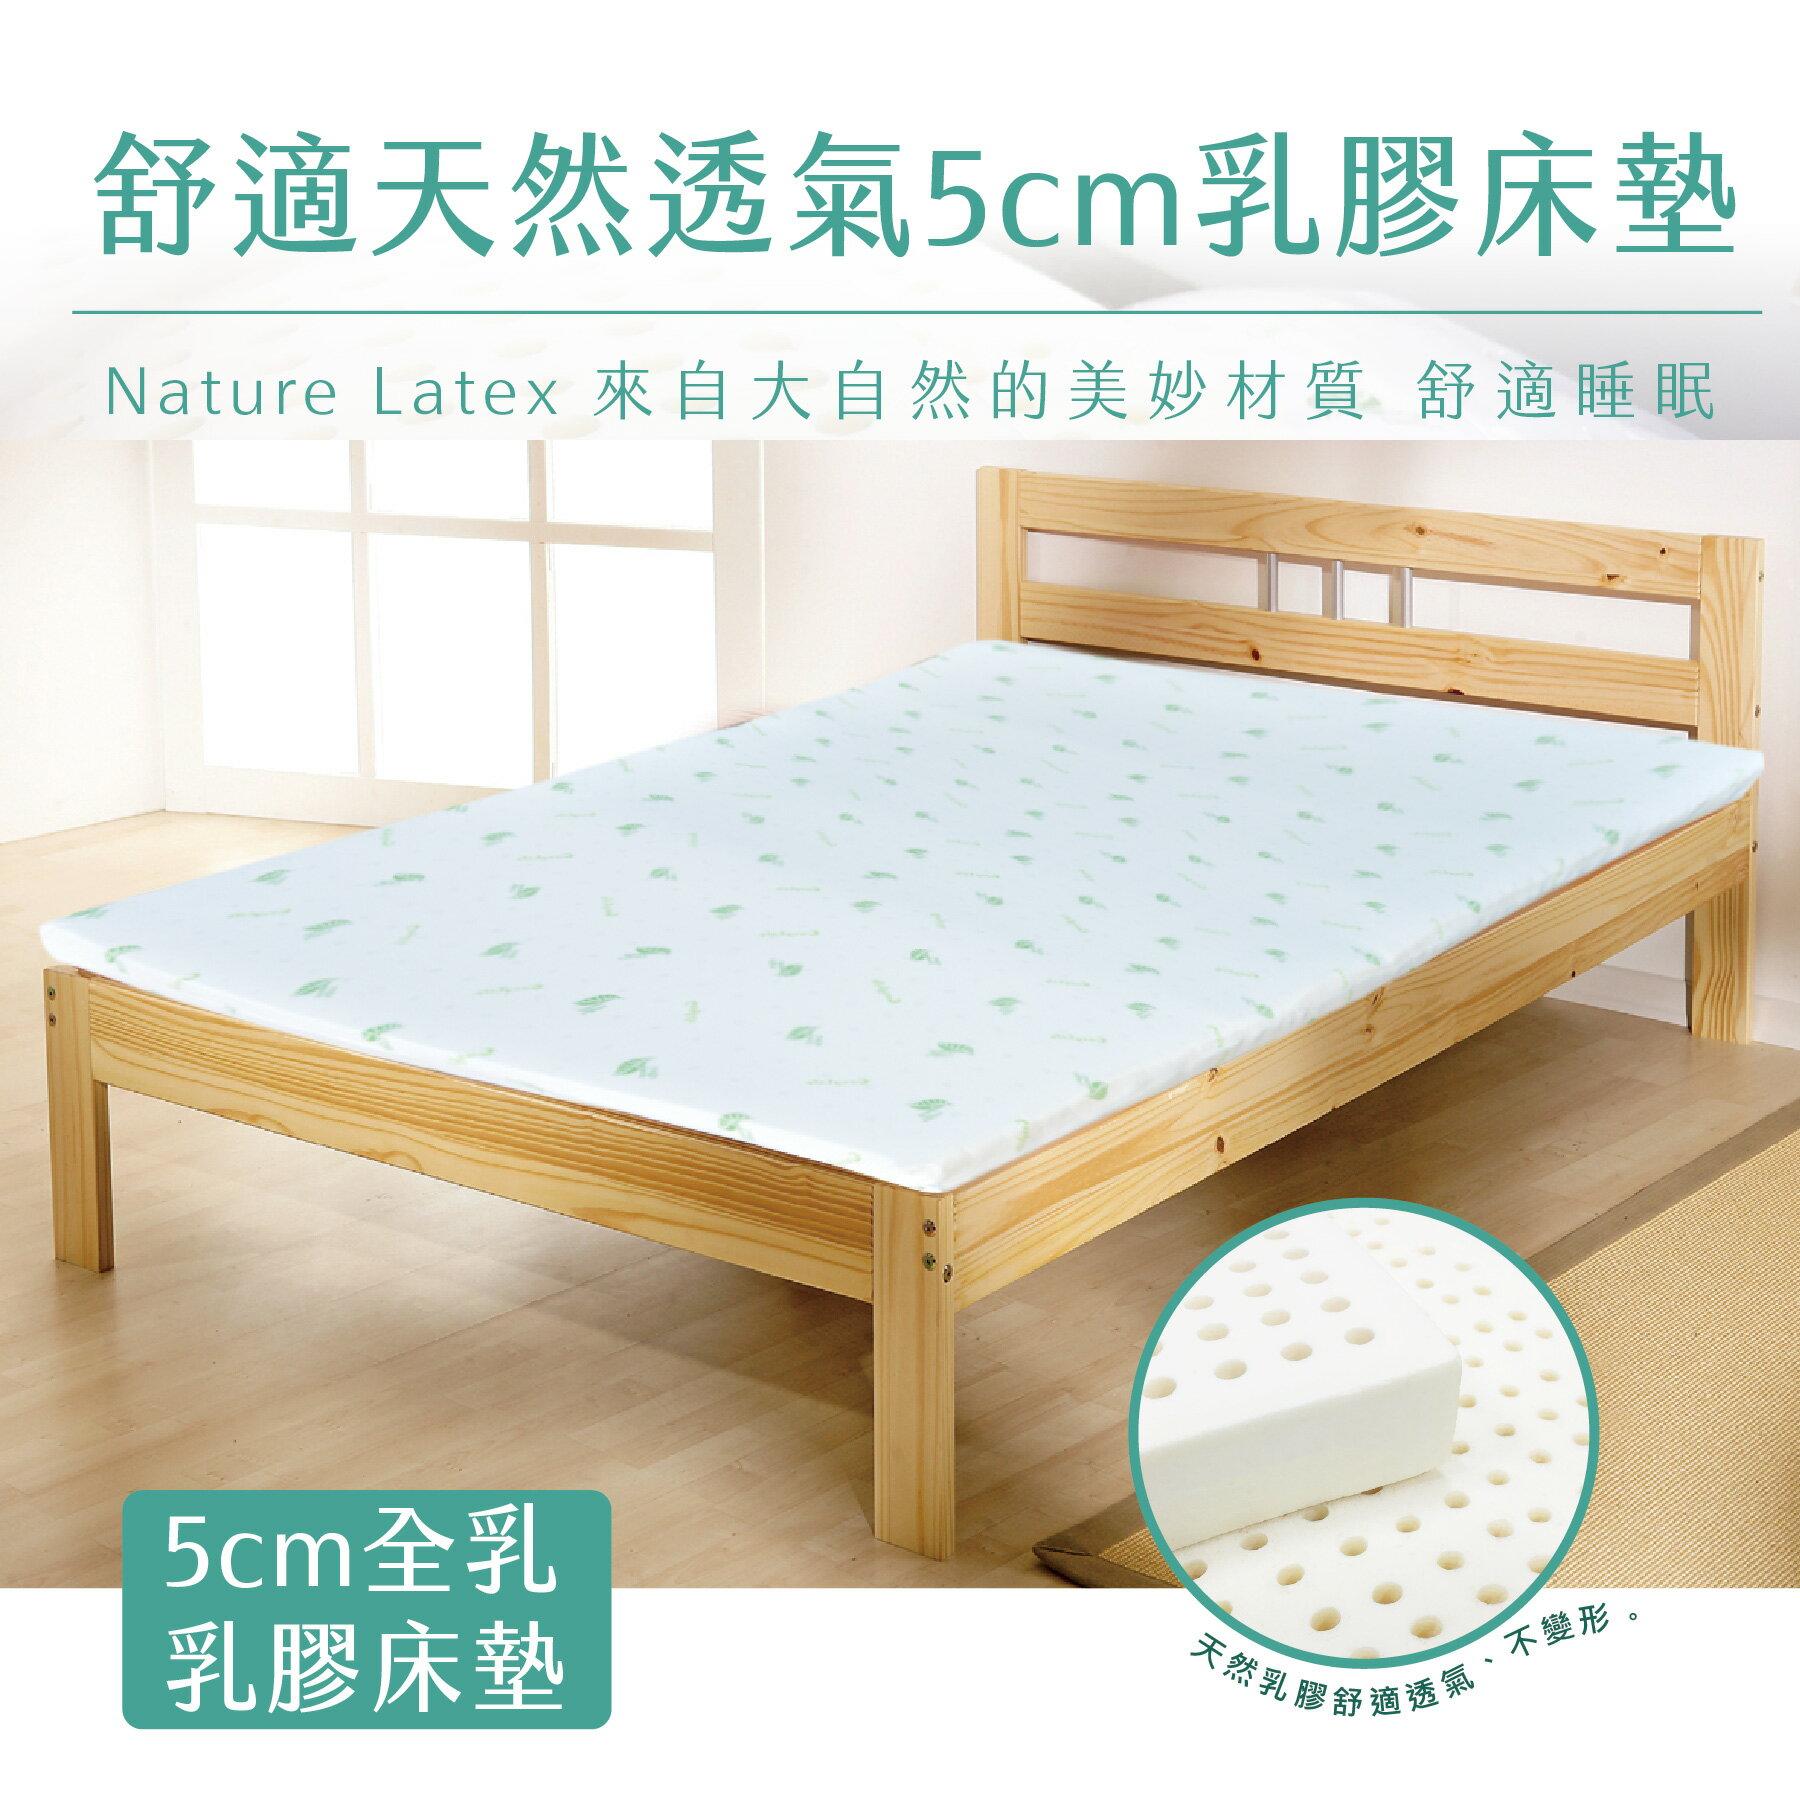 乳膠床墊 / 雙人【超值透氣5cm乳膠床墊】5x6.2尺- 天然乳膠 舒適透氣 不變形 MIT台灣製 Rohouse 樂活居 0